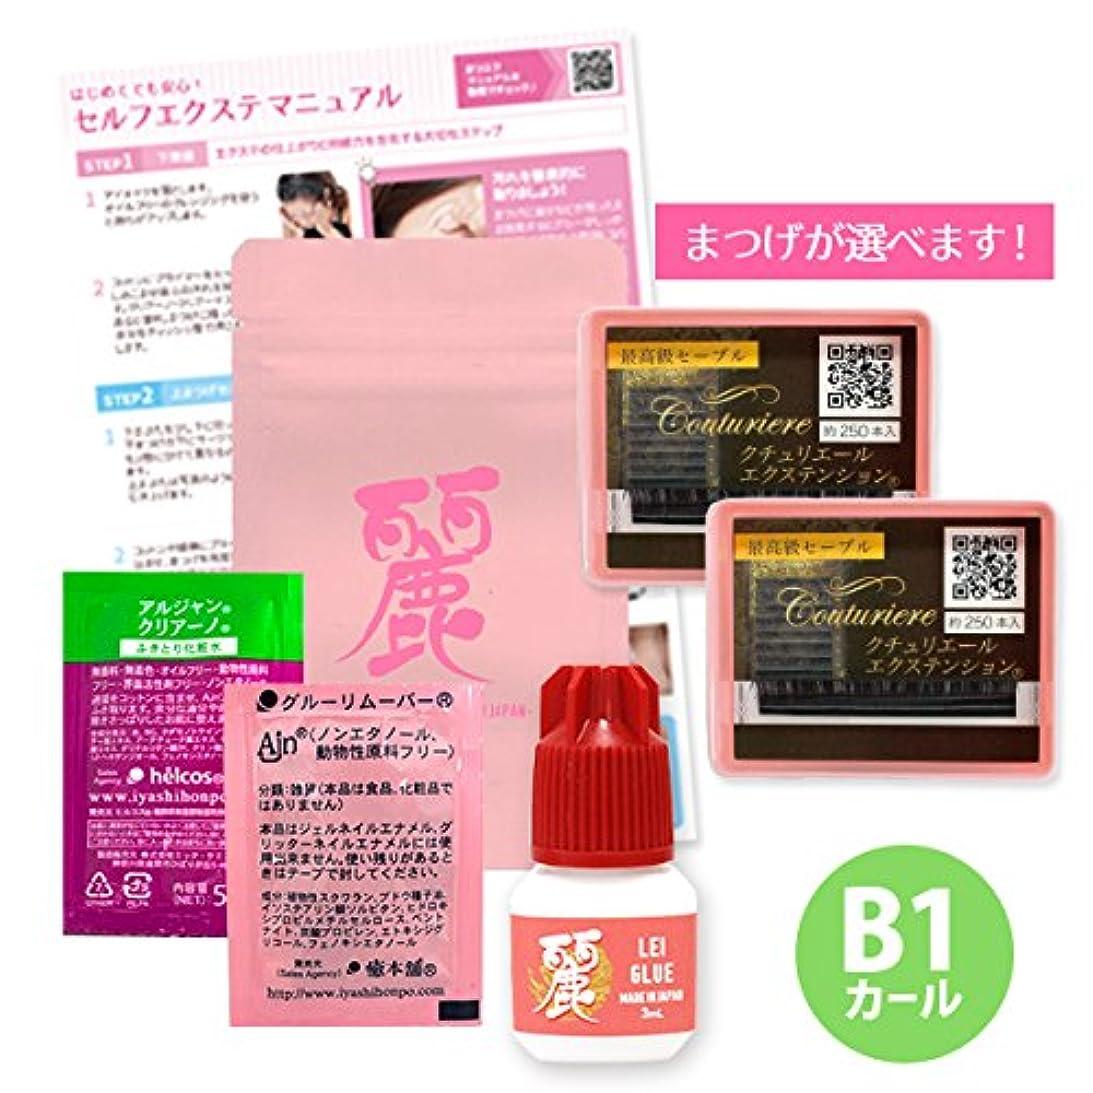 看板誕生日販売計画マツエク セルフ キット クチュリエール1列×2個と日本製 超低刺激グルー B1カール マニュアル付き (0.15mm 6?7mm)